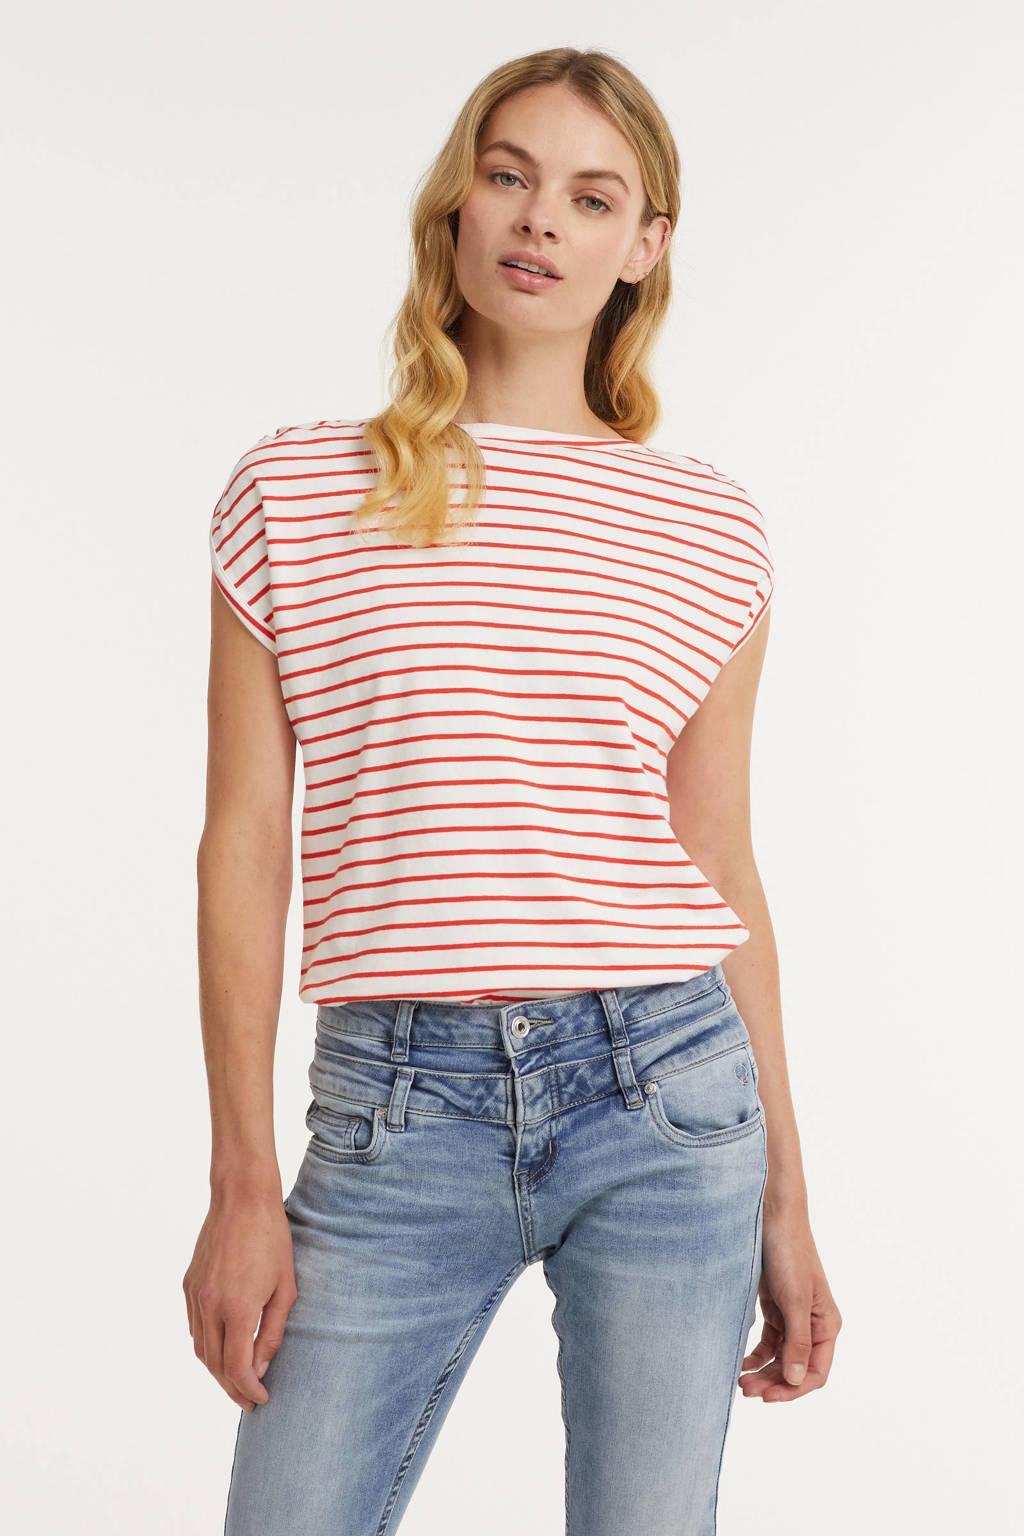 B.Young gestreept T-shirt BYPANDINA met biologisch katoen wit/rood, Wit/rood